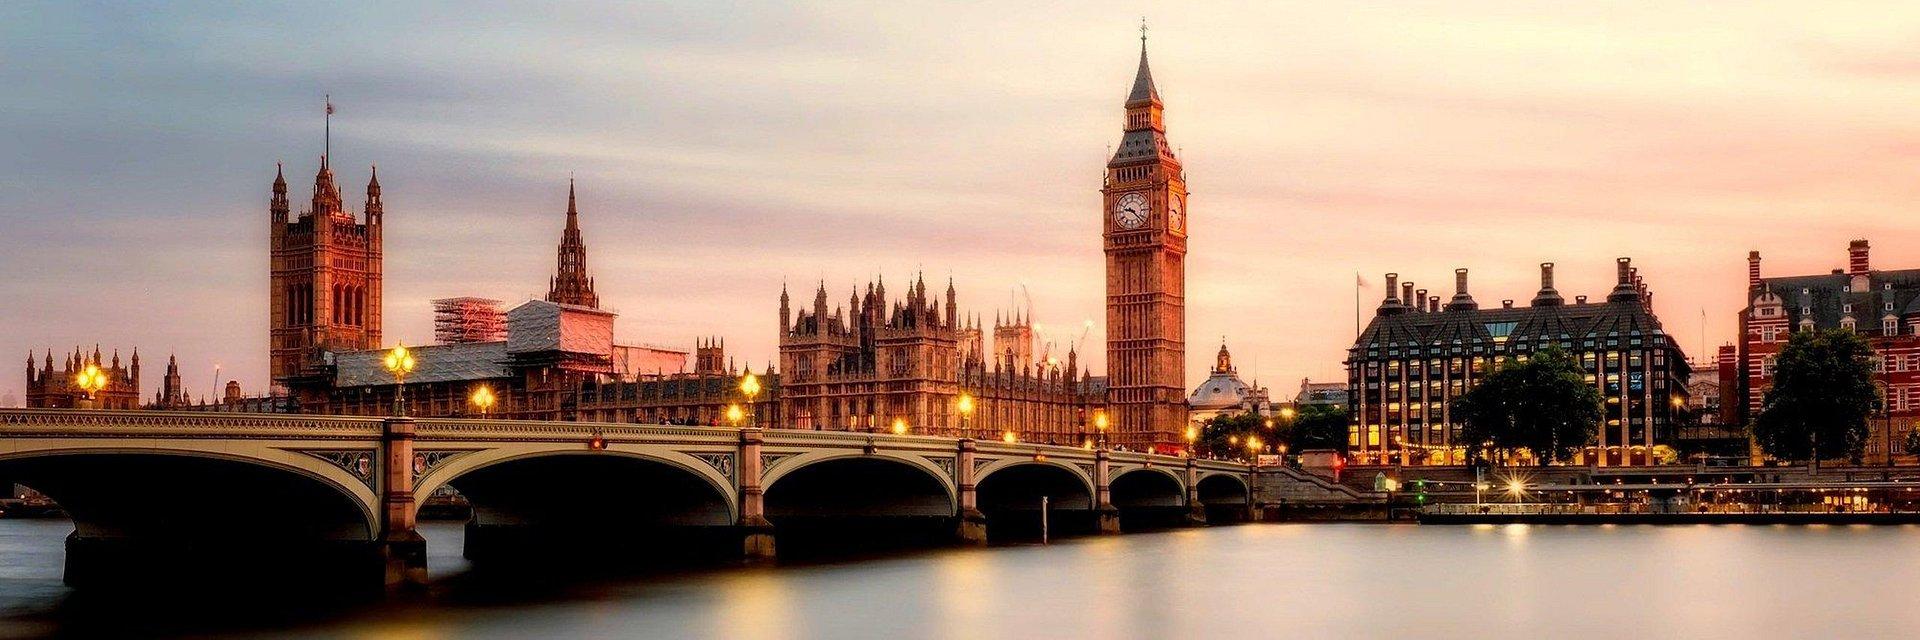 Roche Polska weźmie udział w Targach pracy w Londynie, organizowanych przez Ministerstwo Przedsiębiorczości i Technologii, Ministerstwo Rodziny, Pracy i Polityki Społecznej oraz Polską Agencję Inwestycji i Handlu